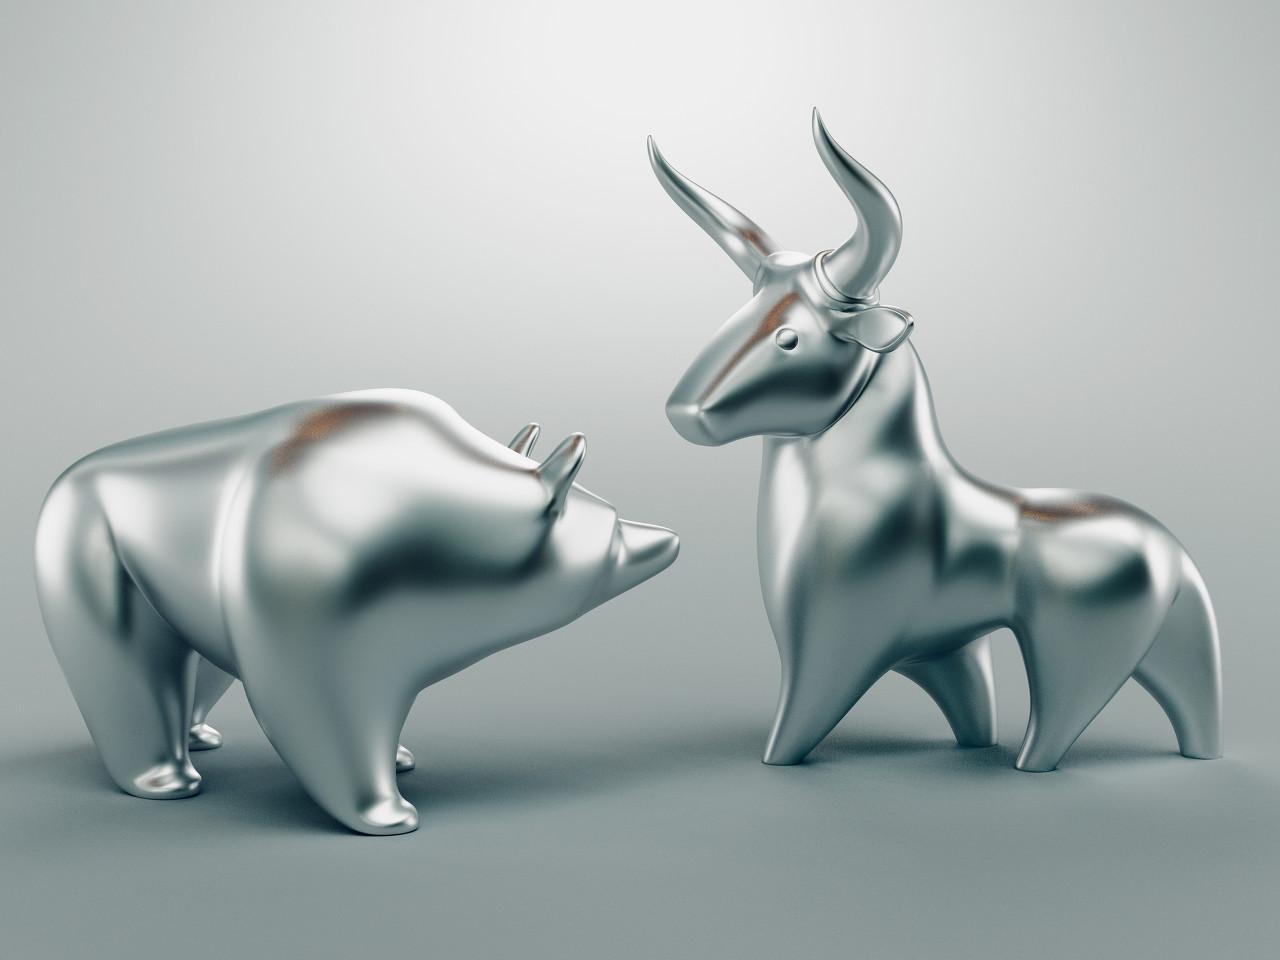 美国鼓动全球增税 白银期货小幅反弹